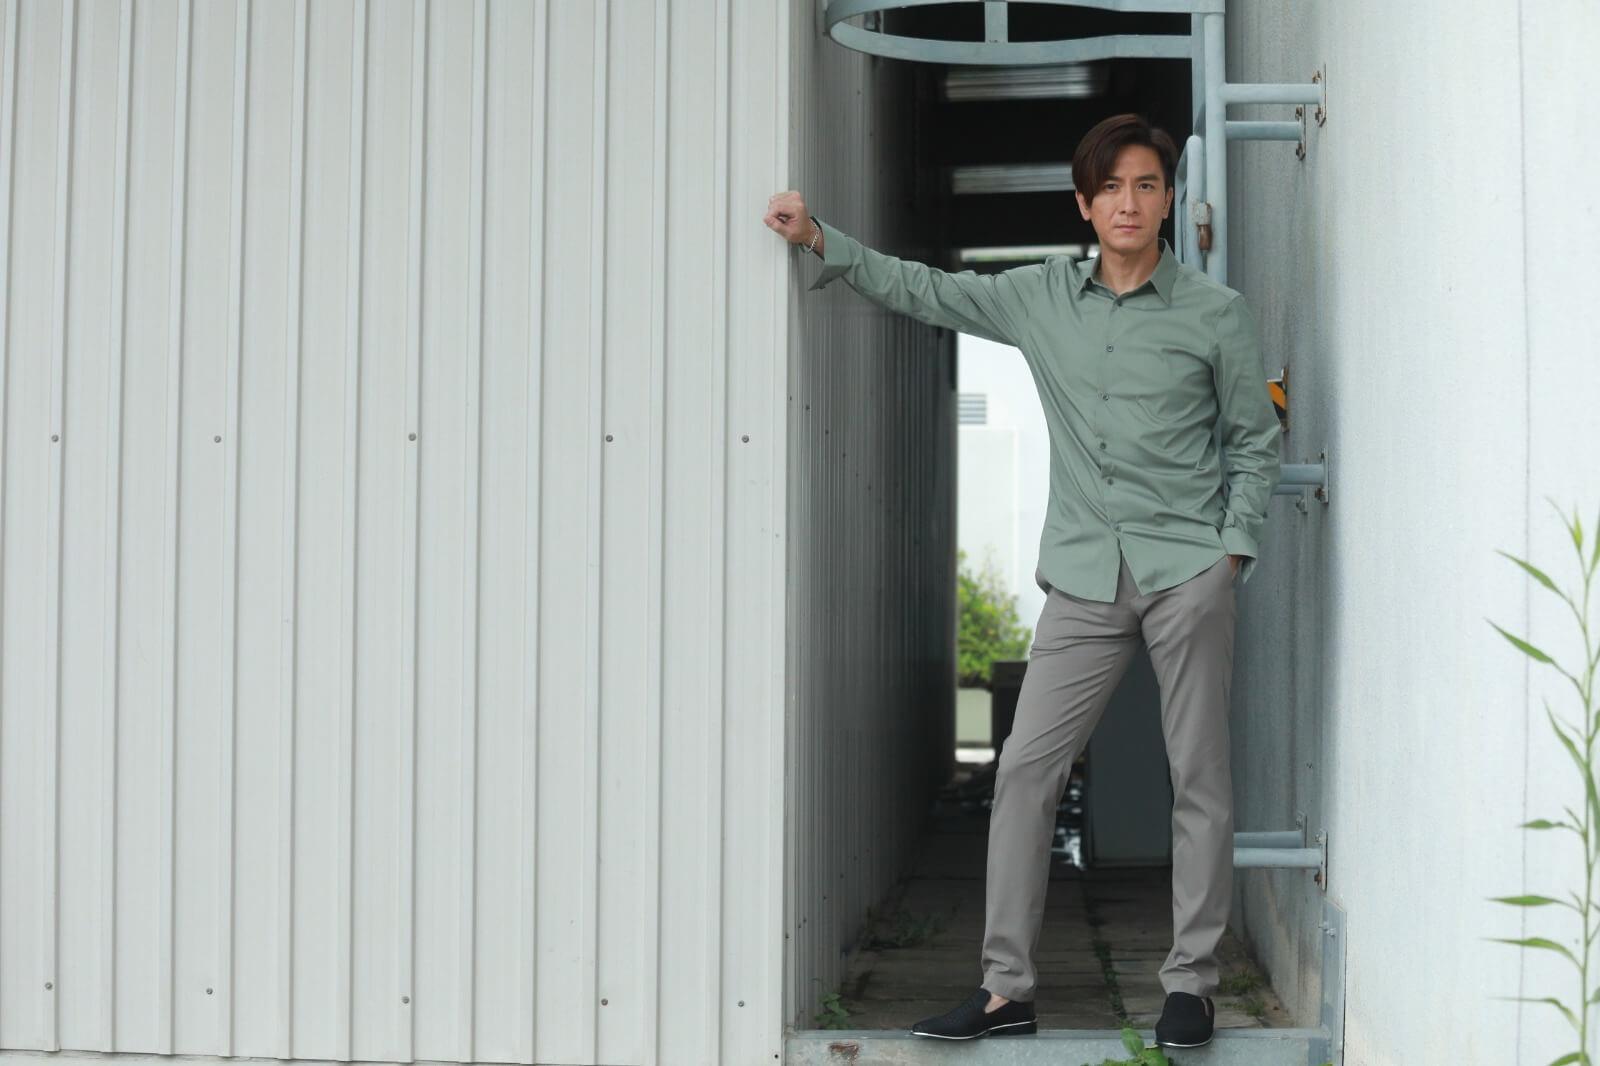 馬明表示作為一位演員,覺得需要勇於嘗試,挑戰不同的角色。